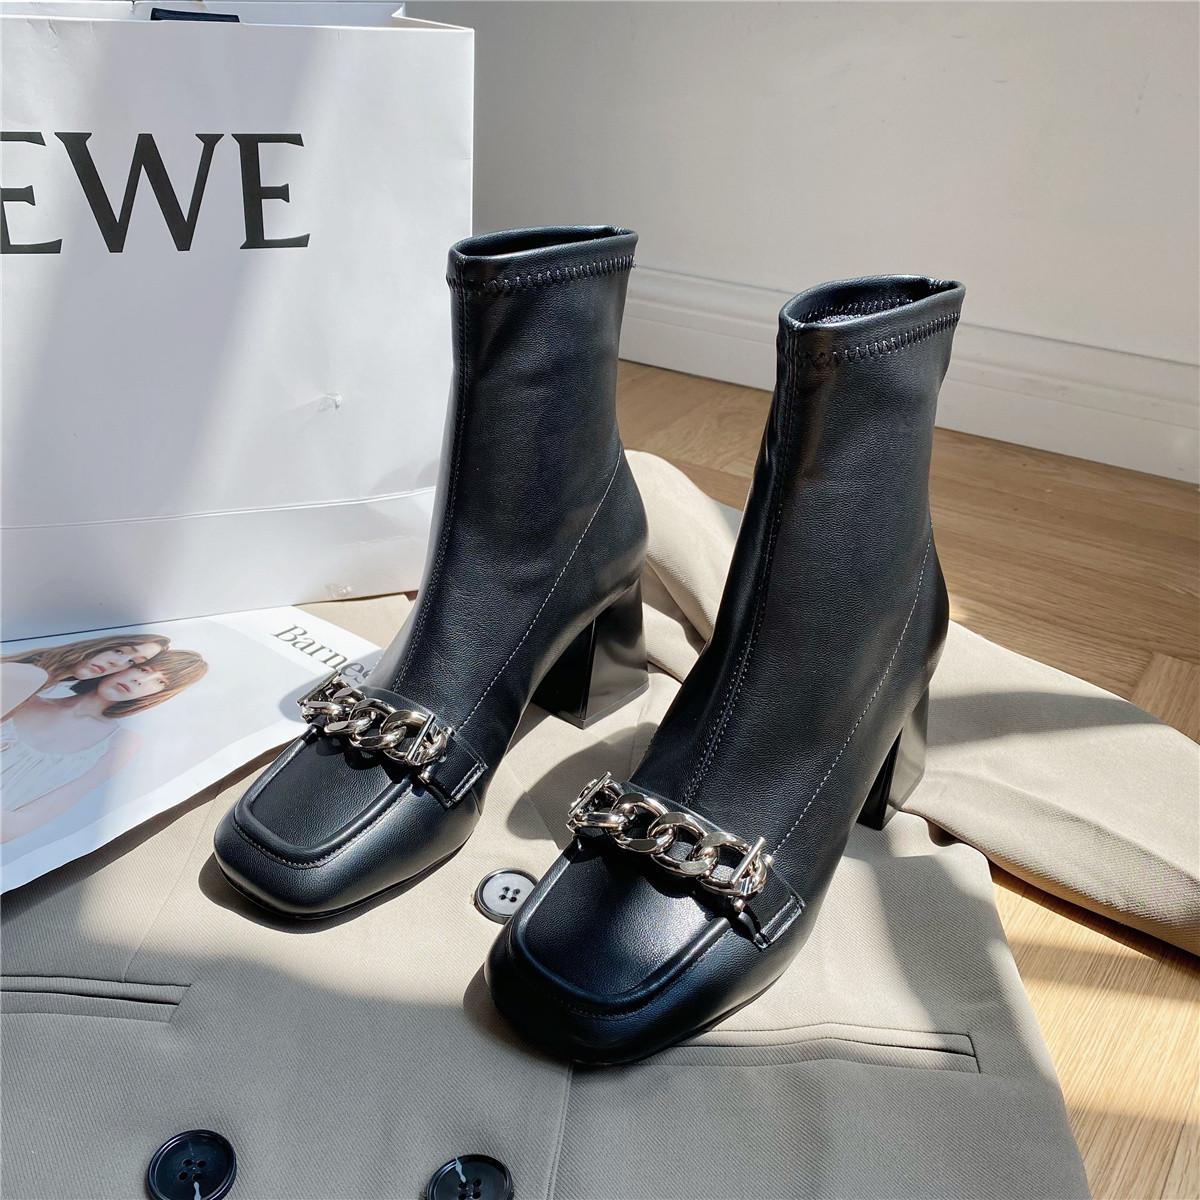 「鞋阅」新款时装短靴女粗跟欧美金属链条方头套筒短筒时尚女靴子